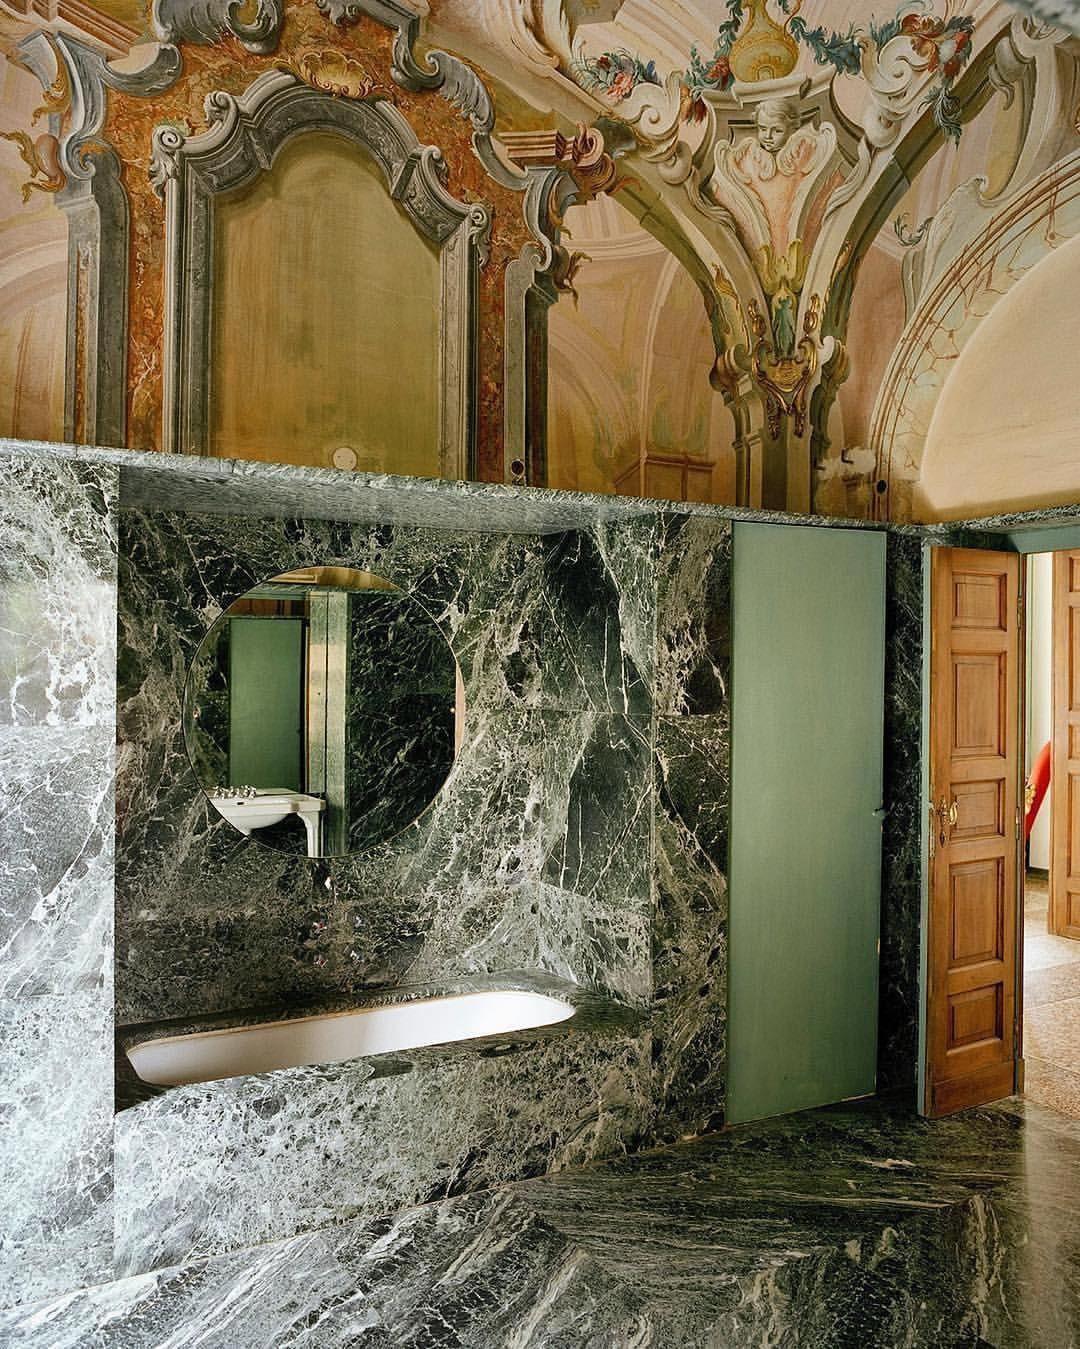 Image Result For Villa Des Alyscamps Bathroom Google Bathroom Remodel Images Bedroom Decor Dark Green Marble Bathroom